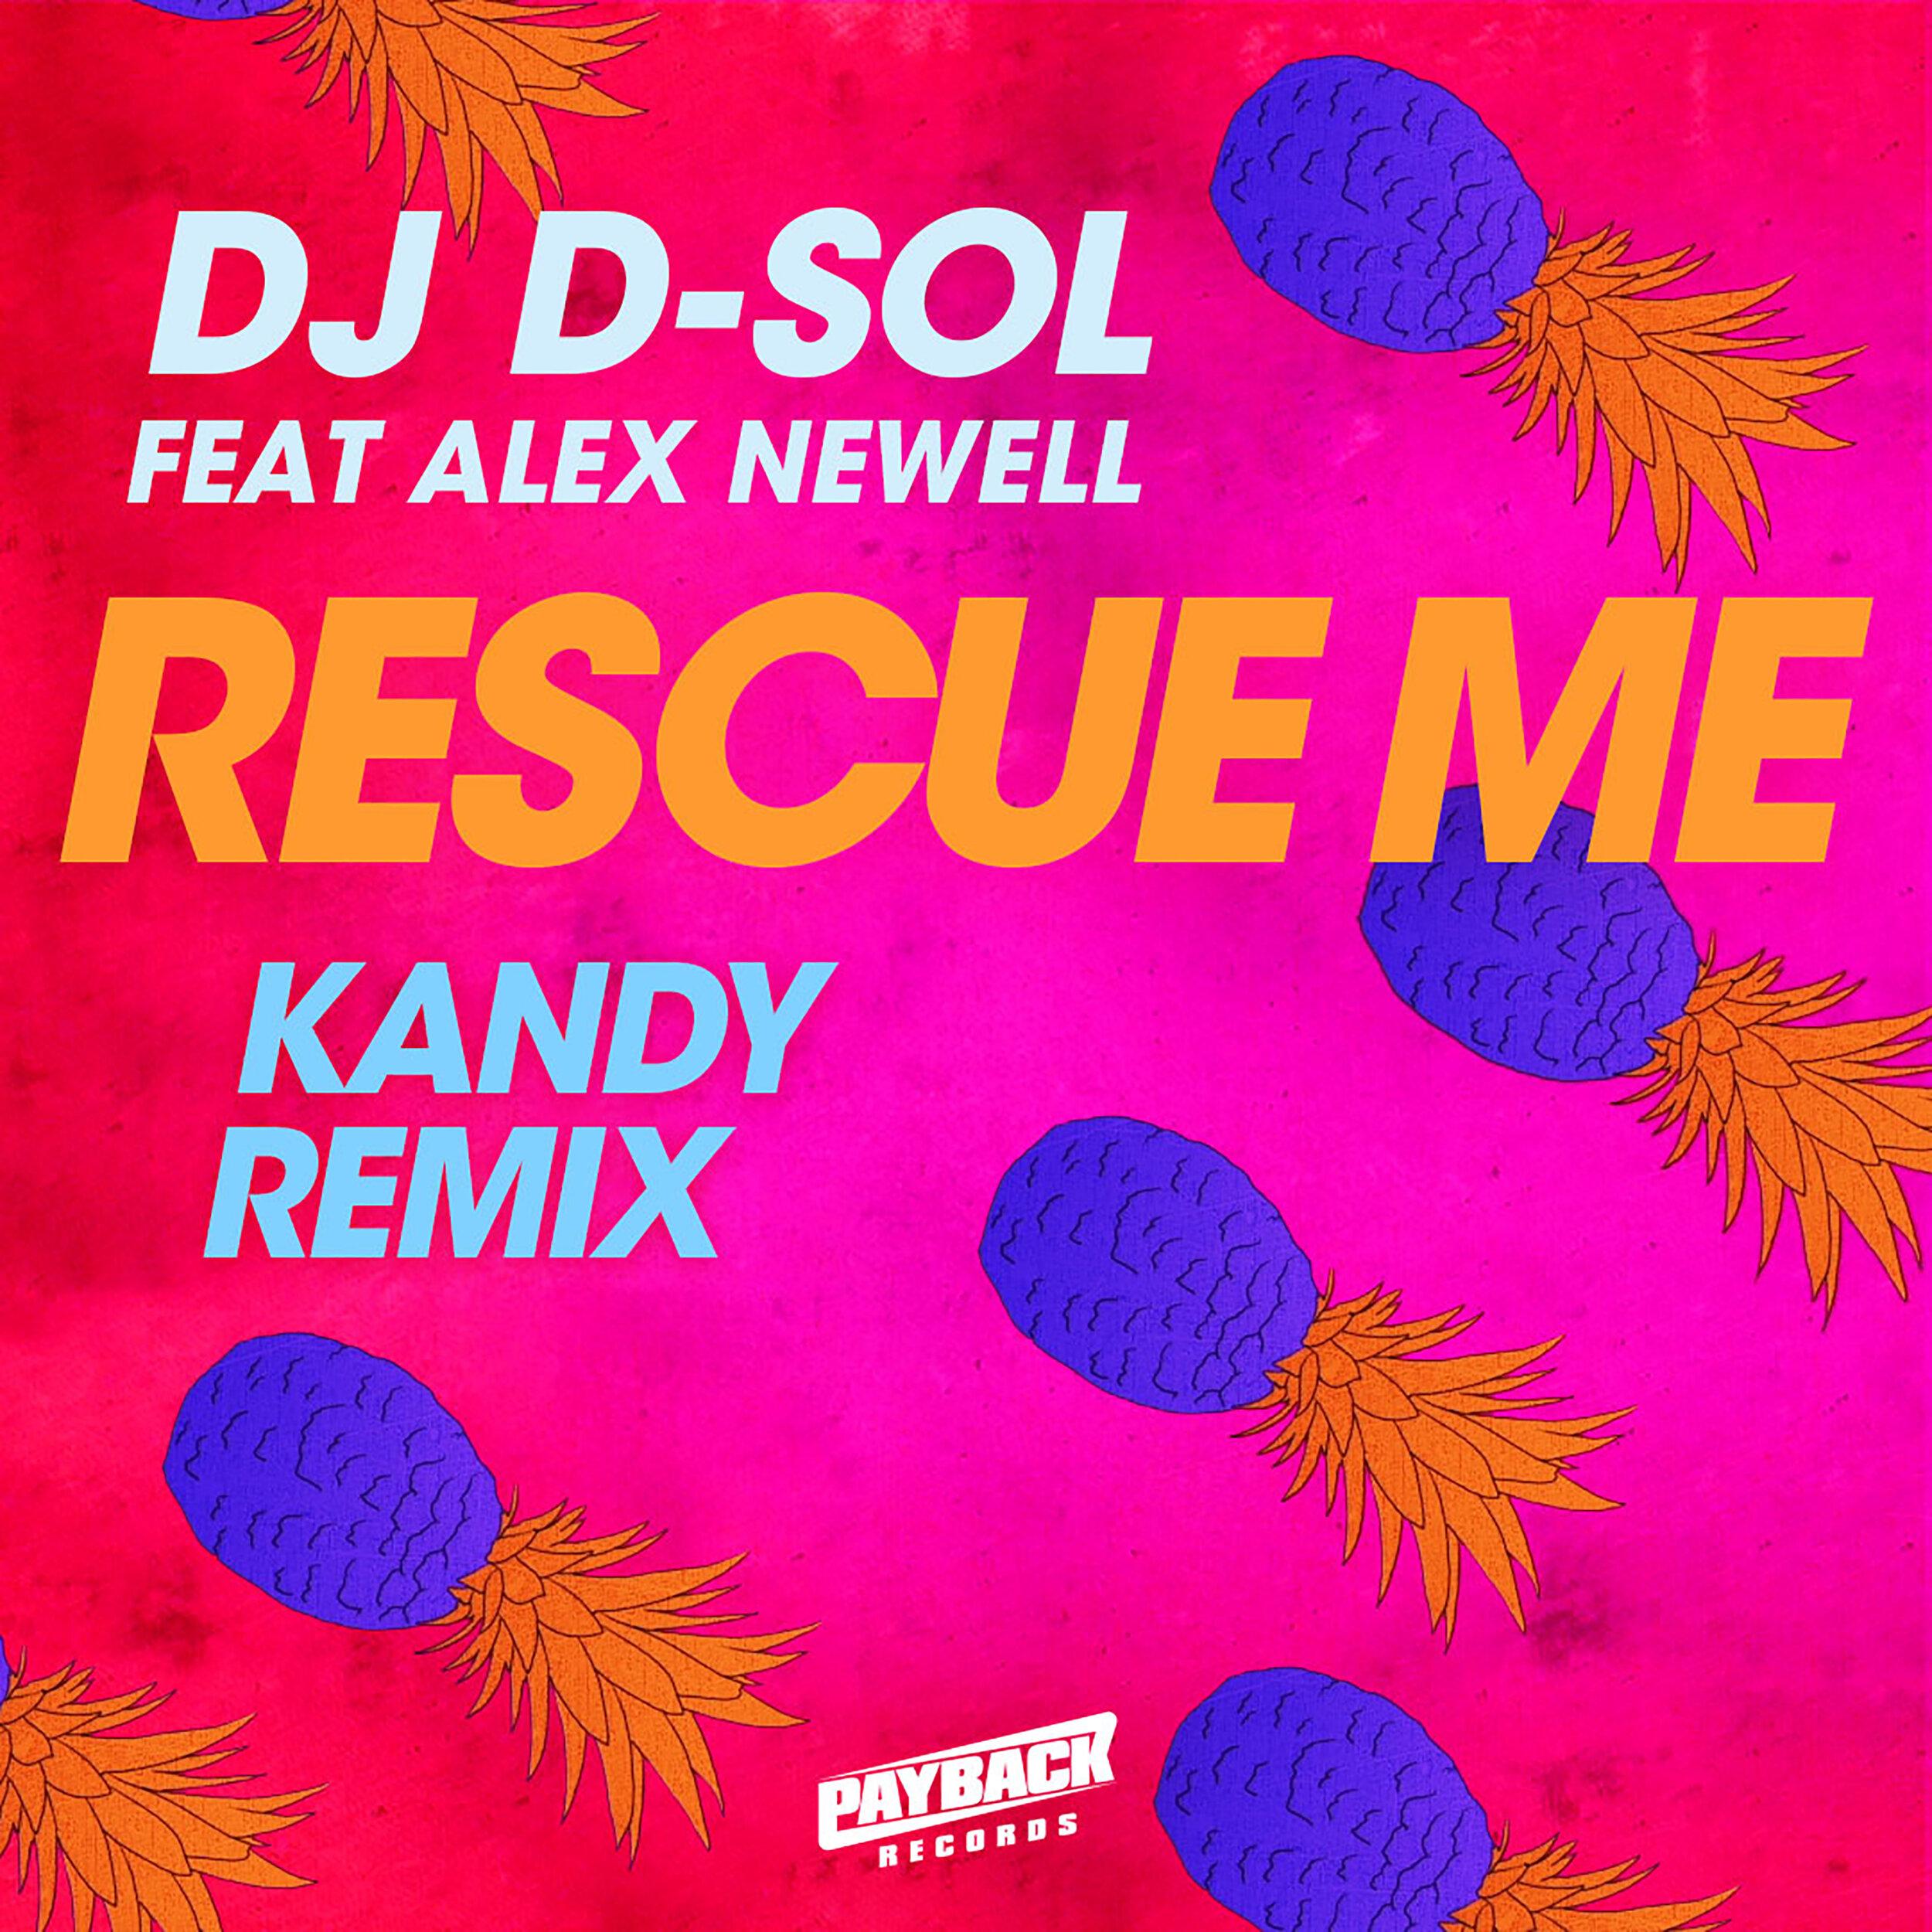 D-Sol_Rescue-Me_REMIX_Kandy_3K.jpg